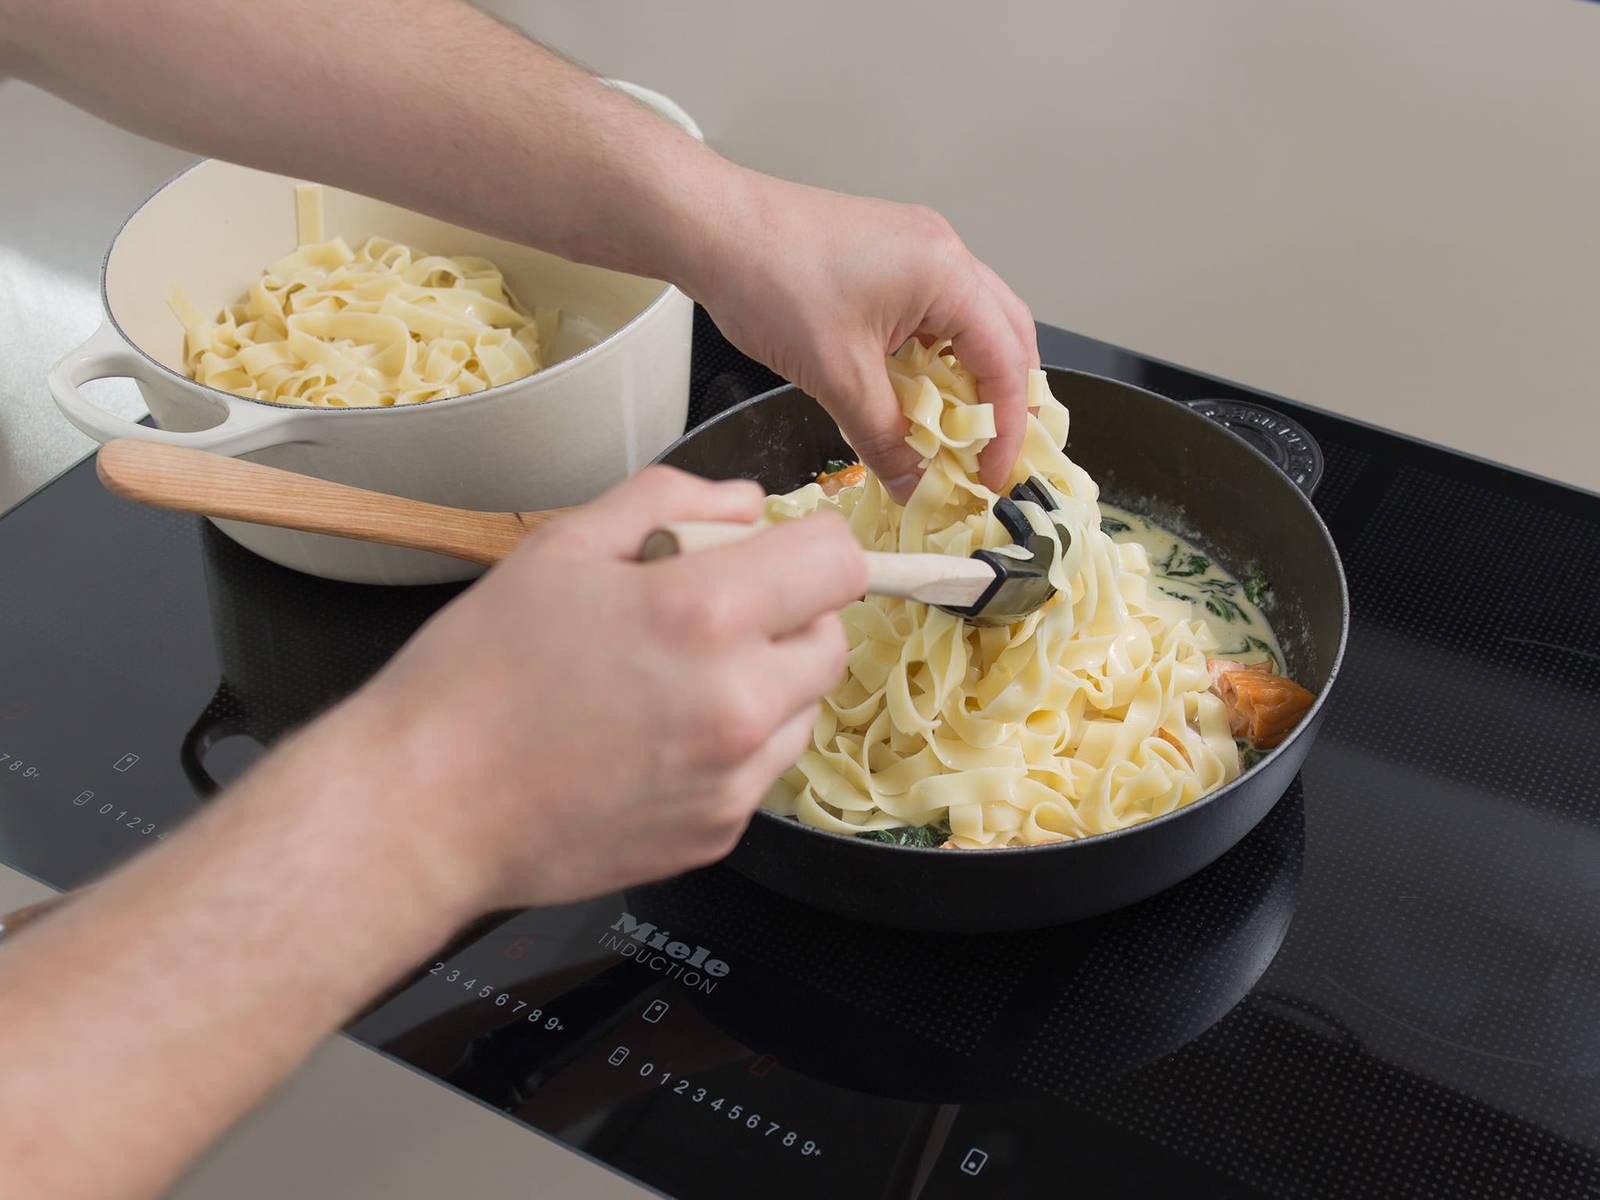 将干面条放入盐水中,根据包装说明将其煮出弹牙嚼劲。将三文鱼、柠檬皮碎和干面条一起倒入煎锅中,和酱汁一起煮3-4分钟。用盐、胡椒和柠檬汁调味,佐以帕玛森干酪屑享用。祝好胃口!